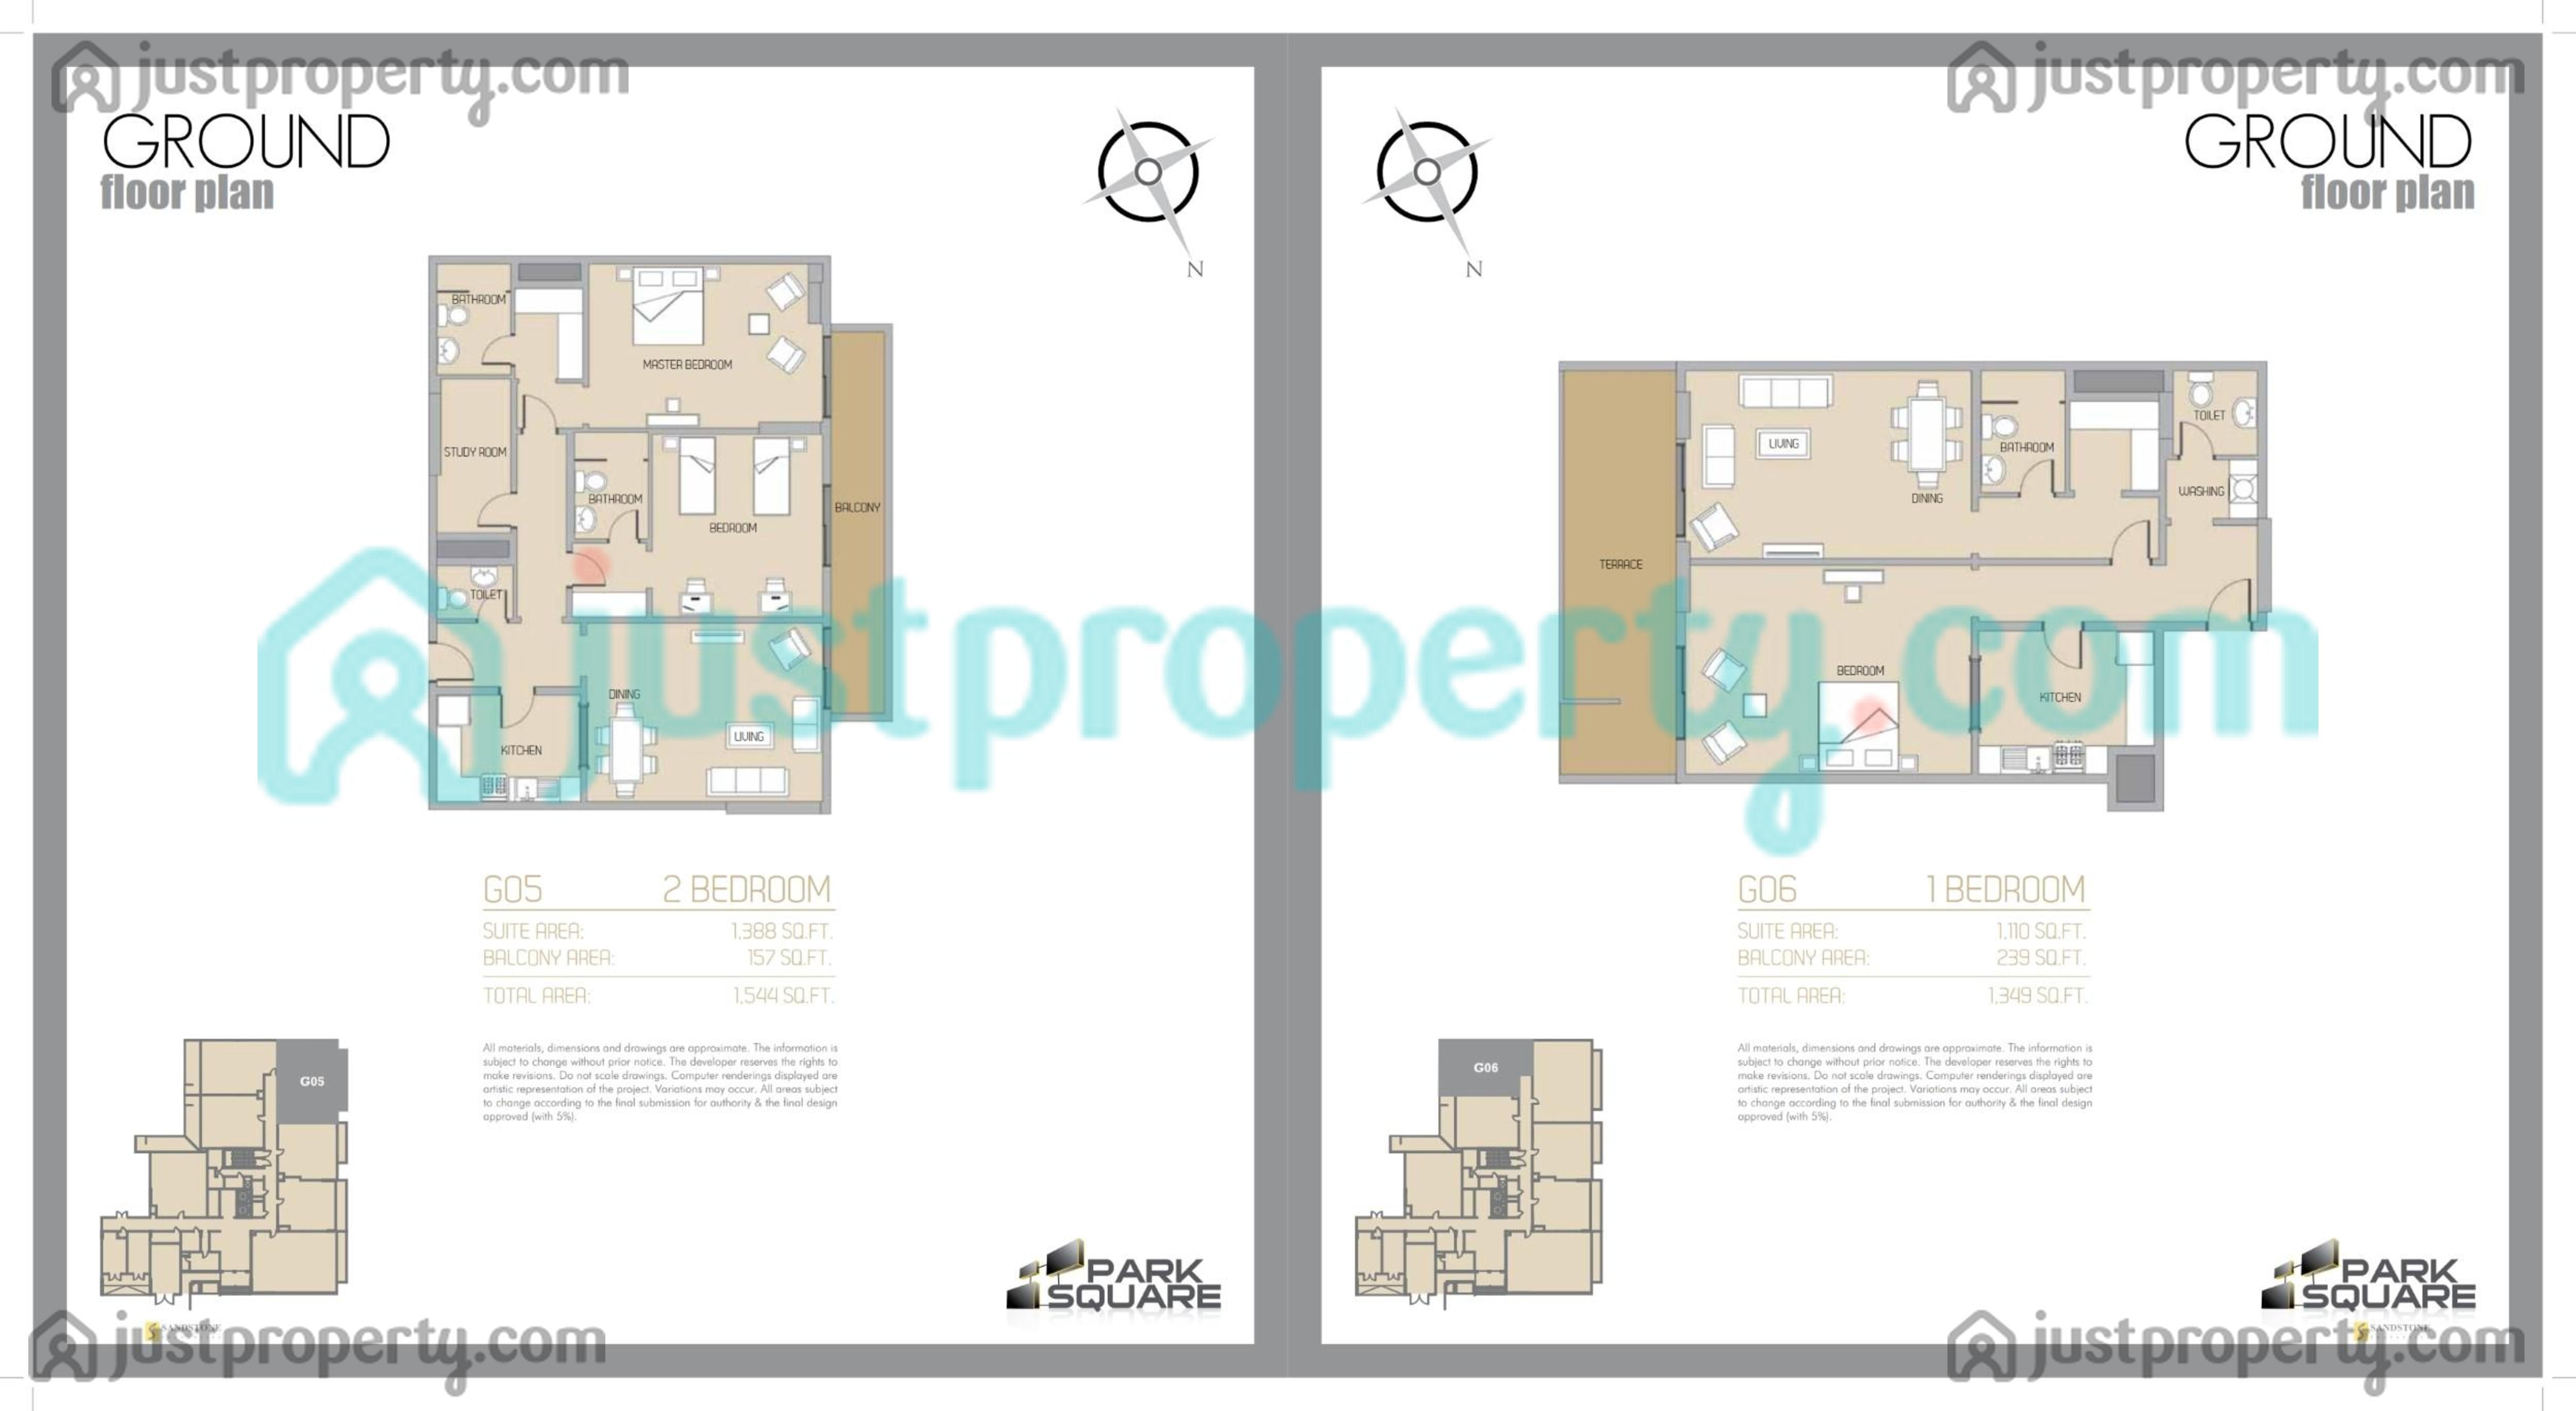 Park square floor plans for Floor plans jumeirah park